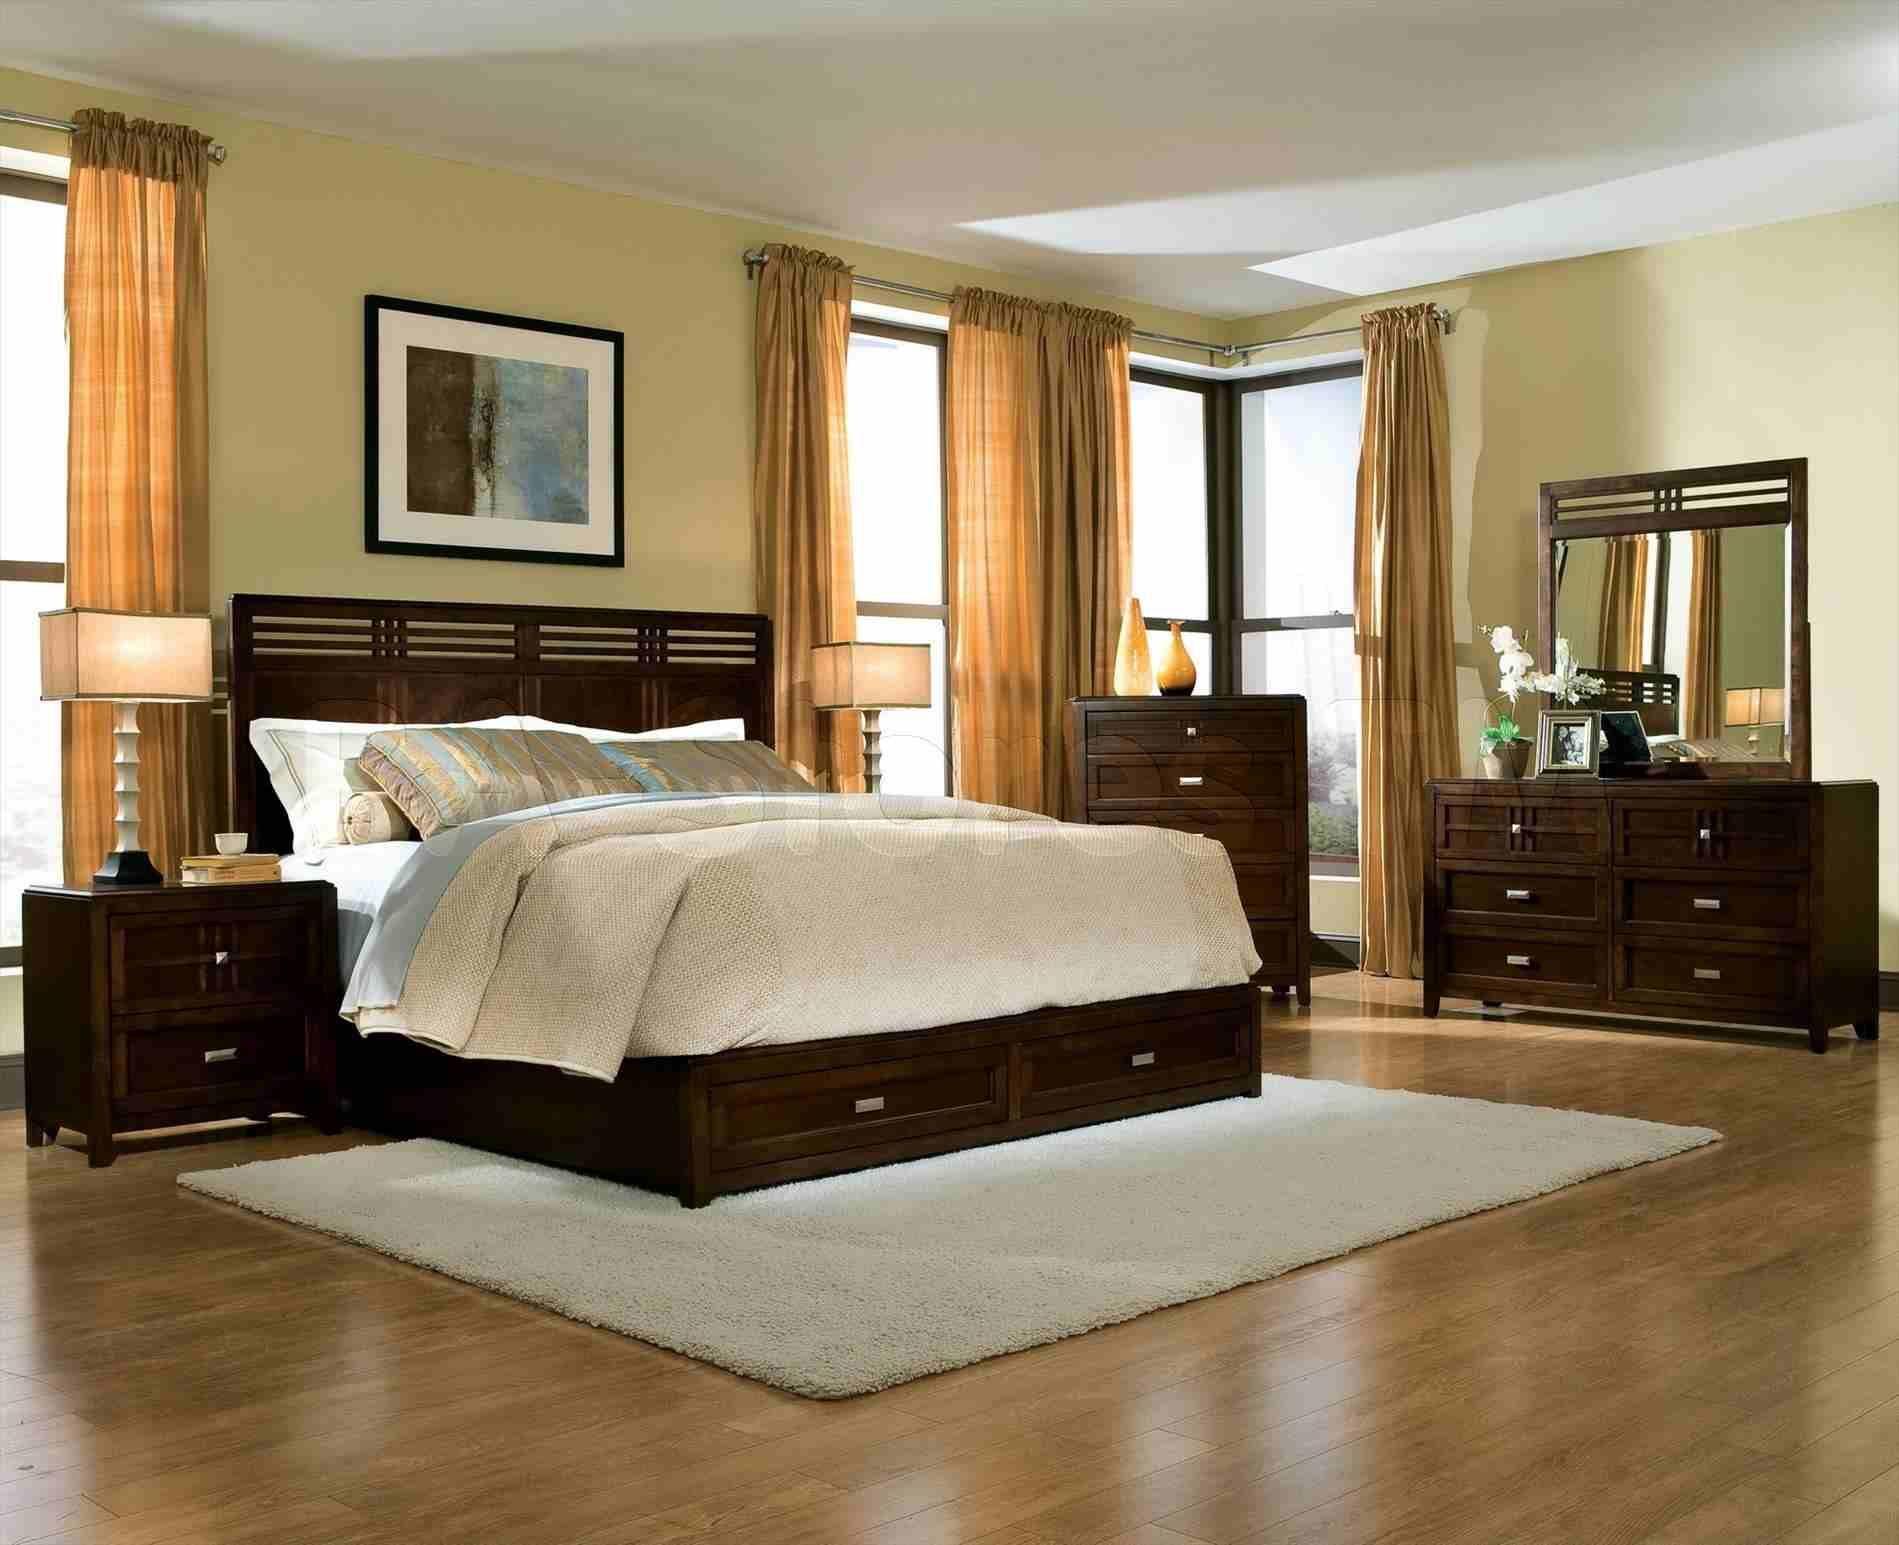 Modern Dark Wood Bedroom Furniture Dark Wood Floor Bedroom 3 Bedroom Houses For Rent Contemp Brown Furniture Bedroom Master Bedroom Furniture Brown Furniture